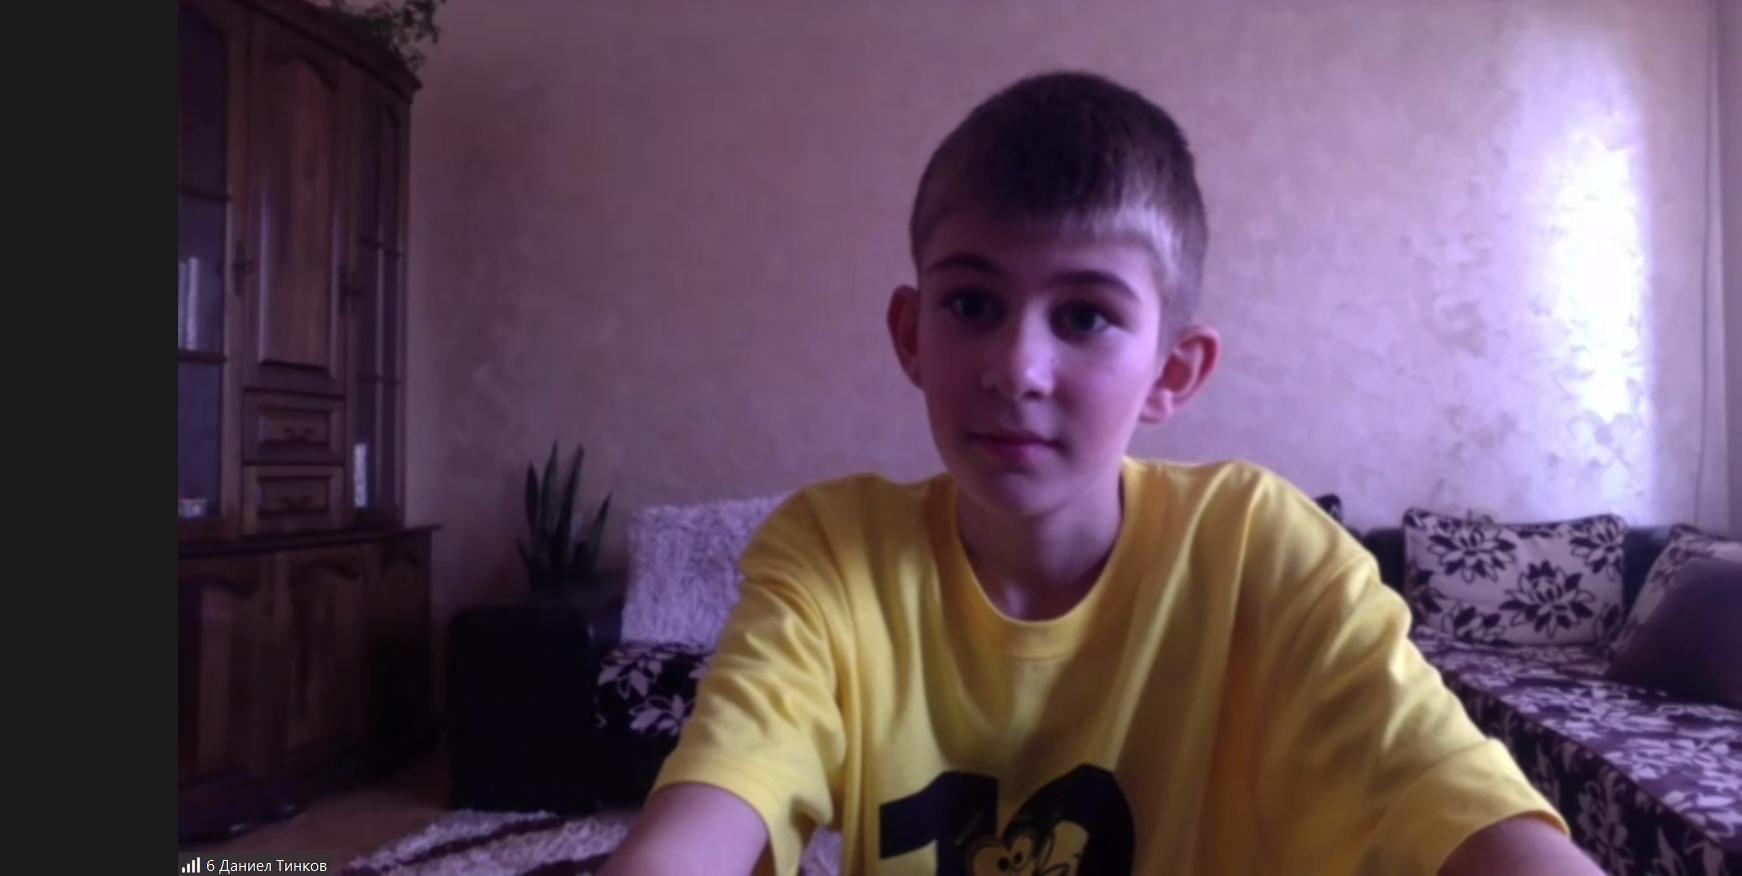 Даниел-Тинков-ЧСУ-Дружба-Пловдив